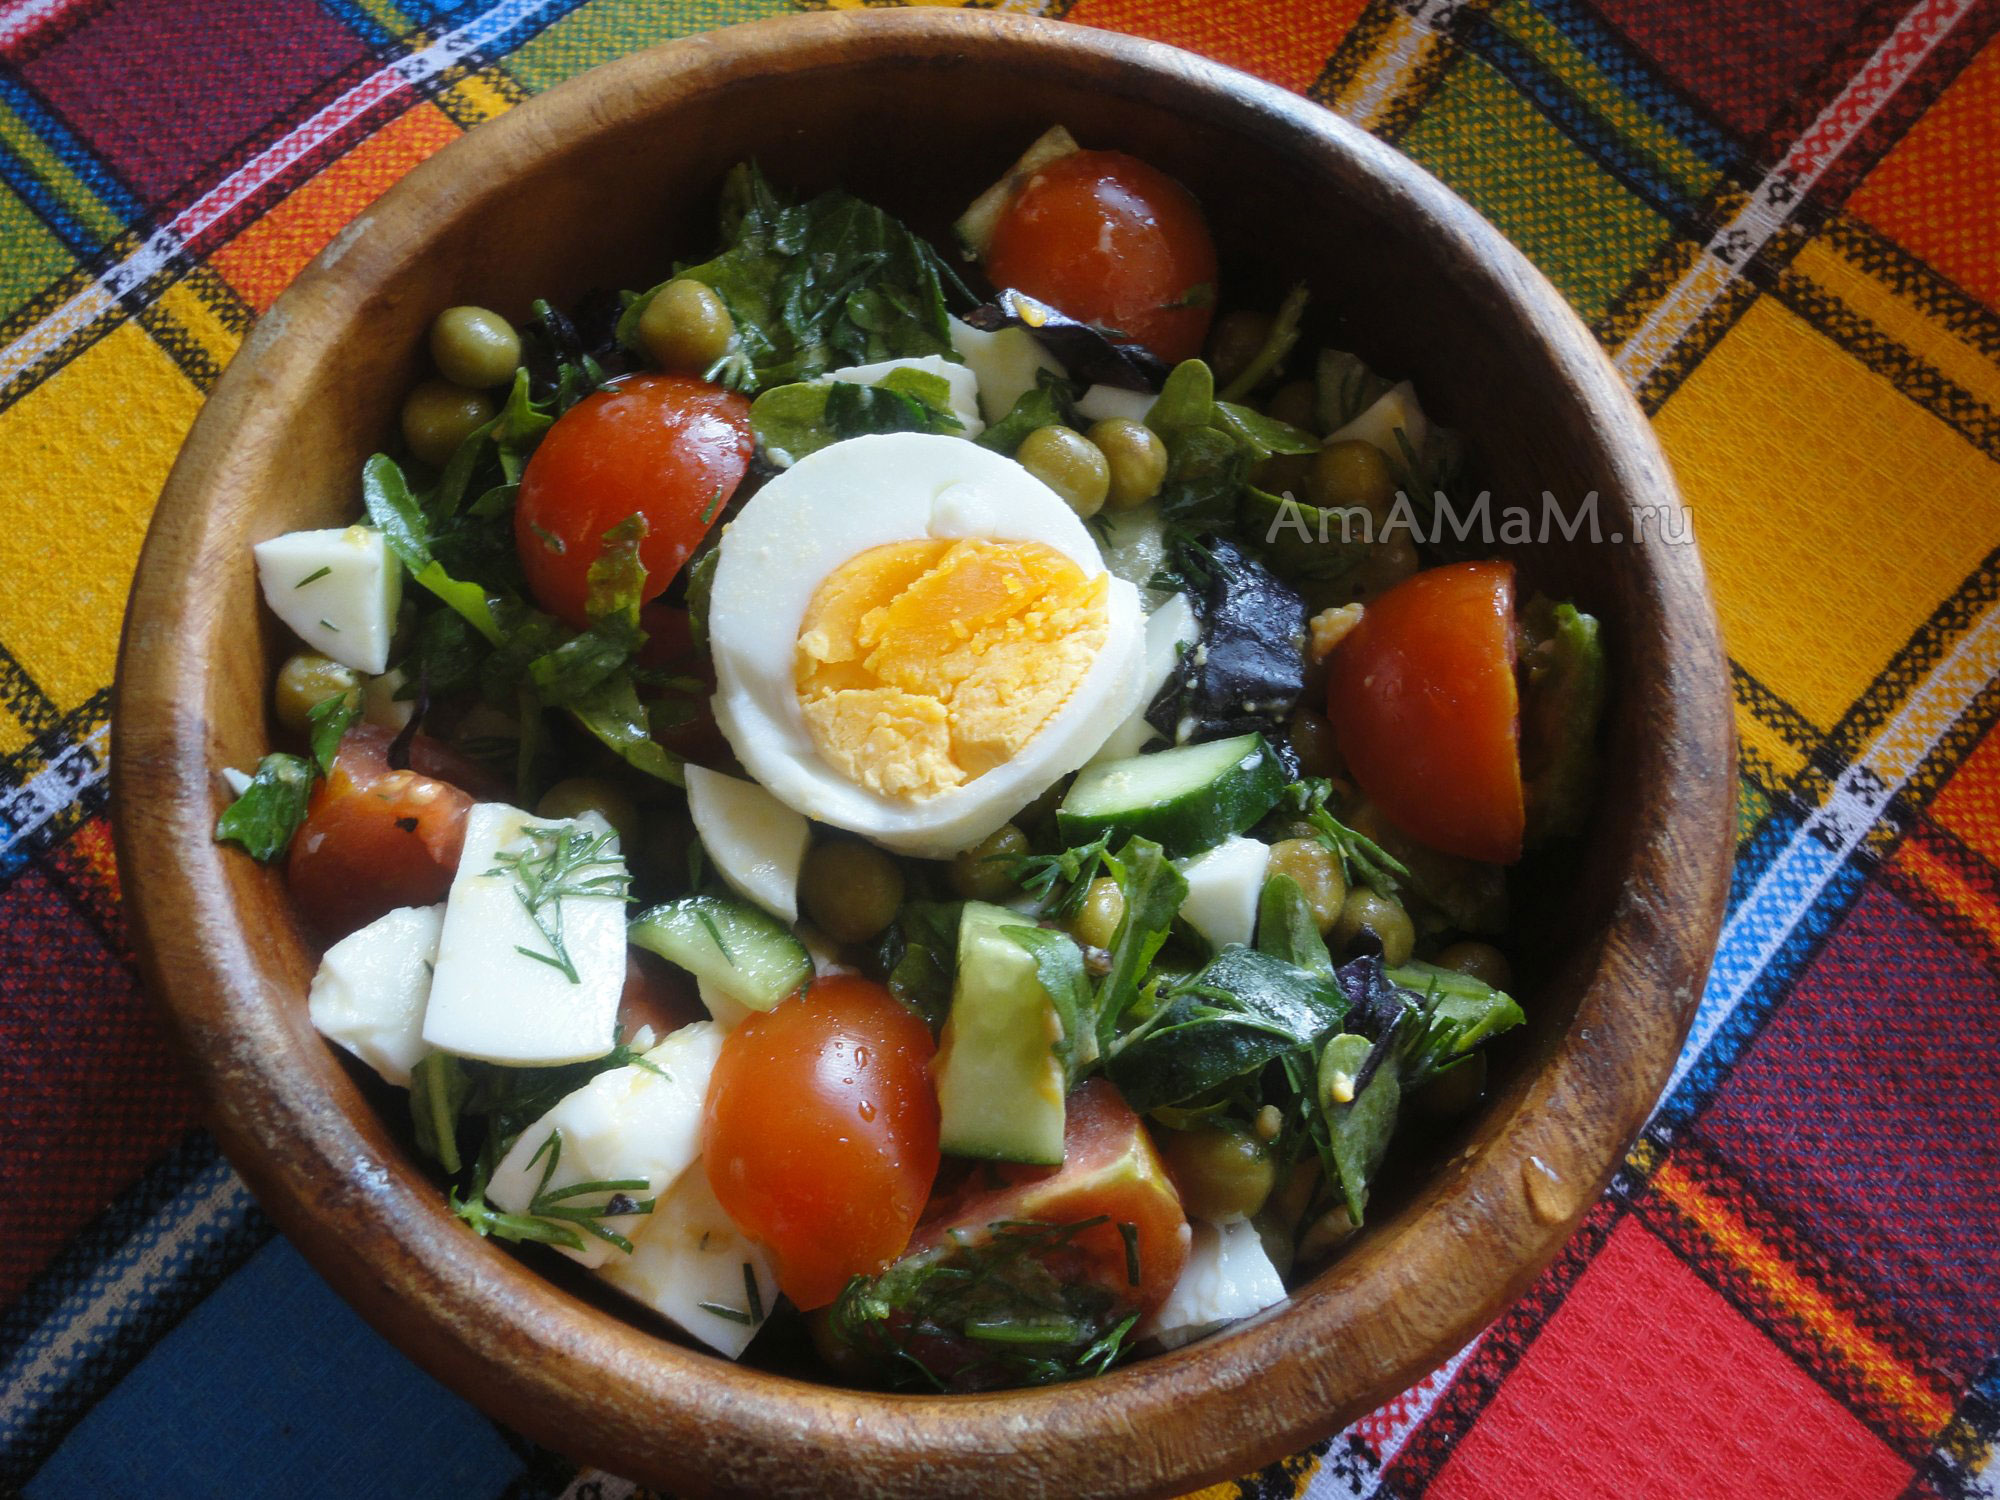 рецепты салатов с грибами шампиньонами с фото